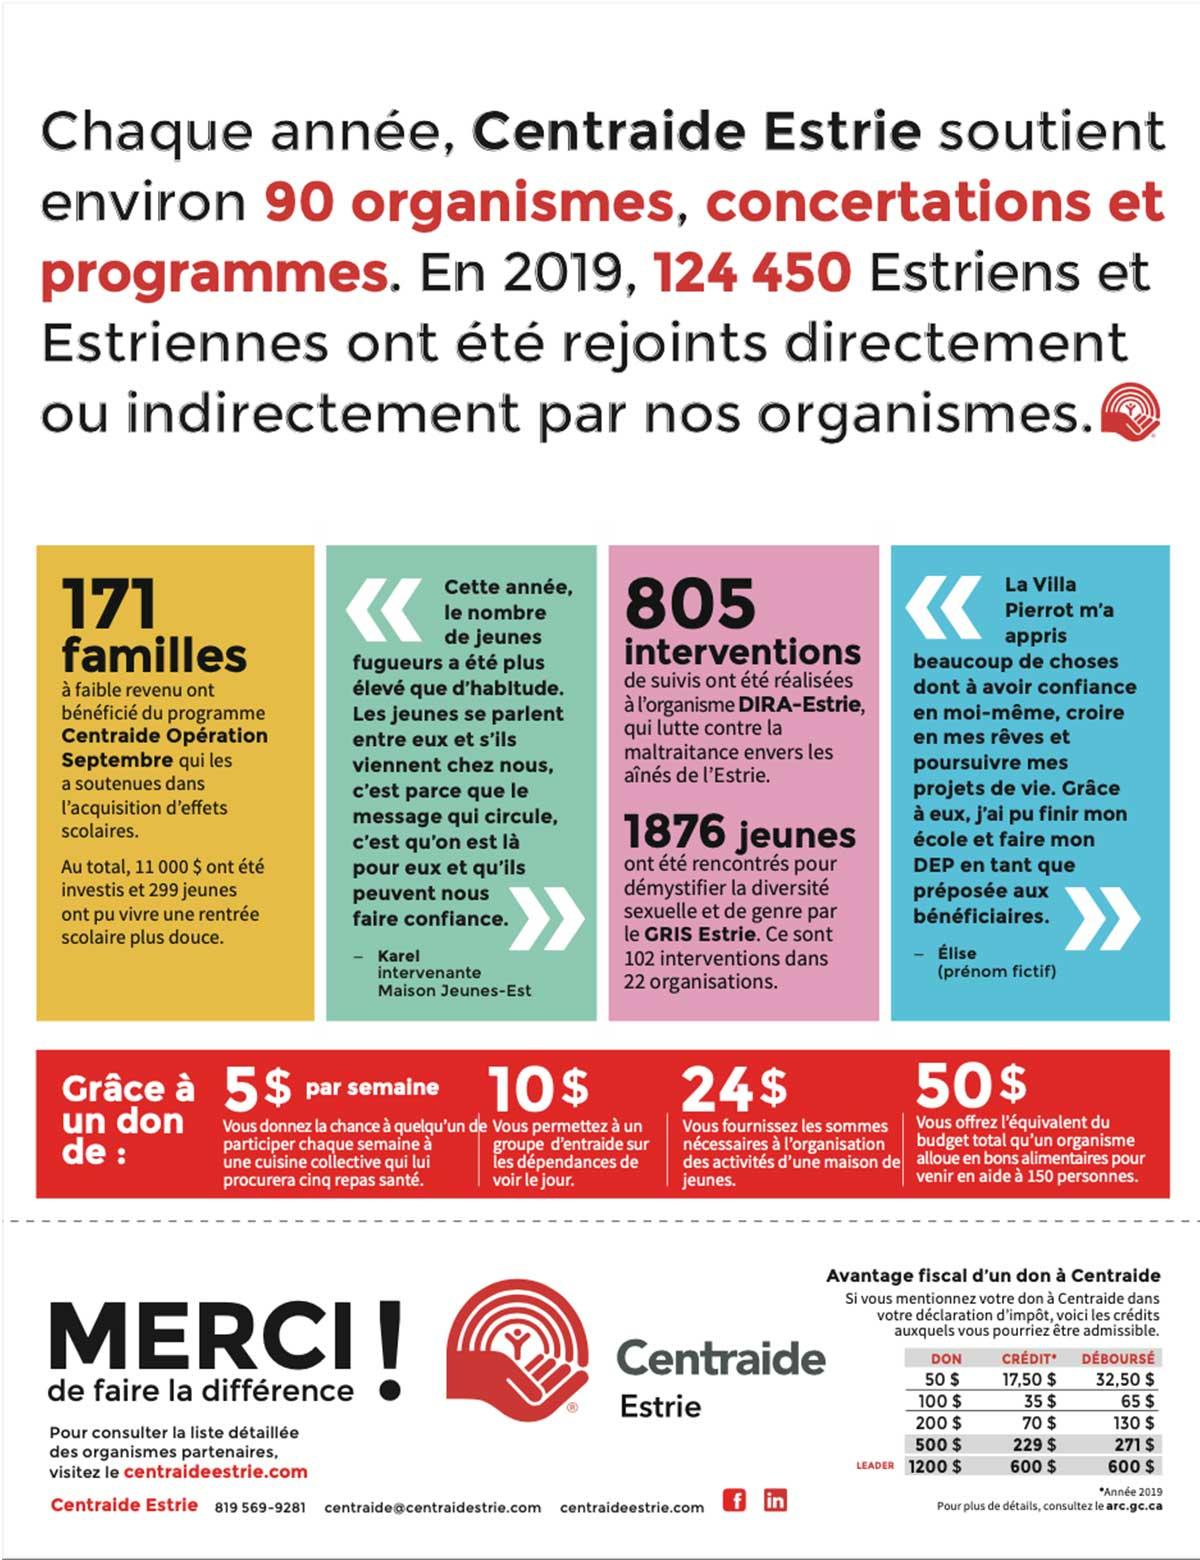 Formulaire interactif de dons en milieux de travail (français)